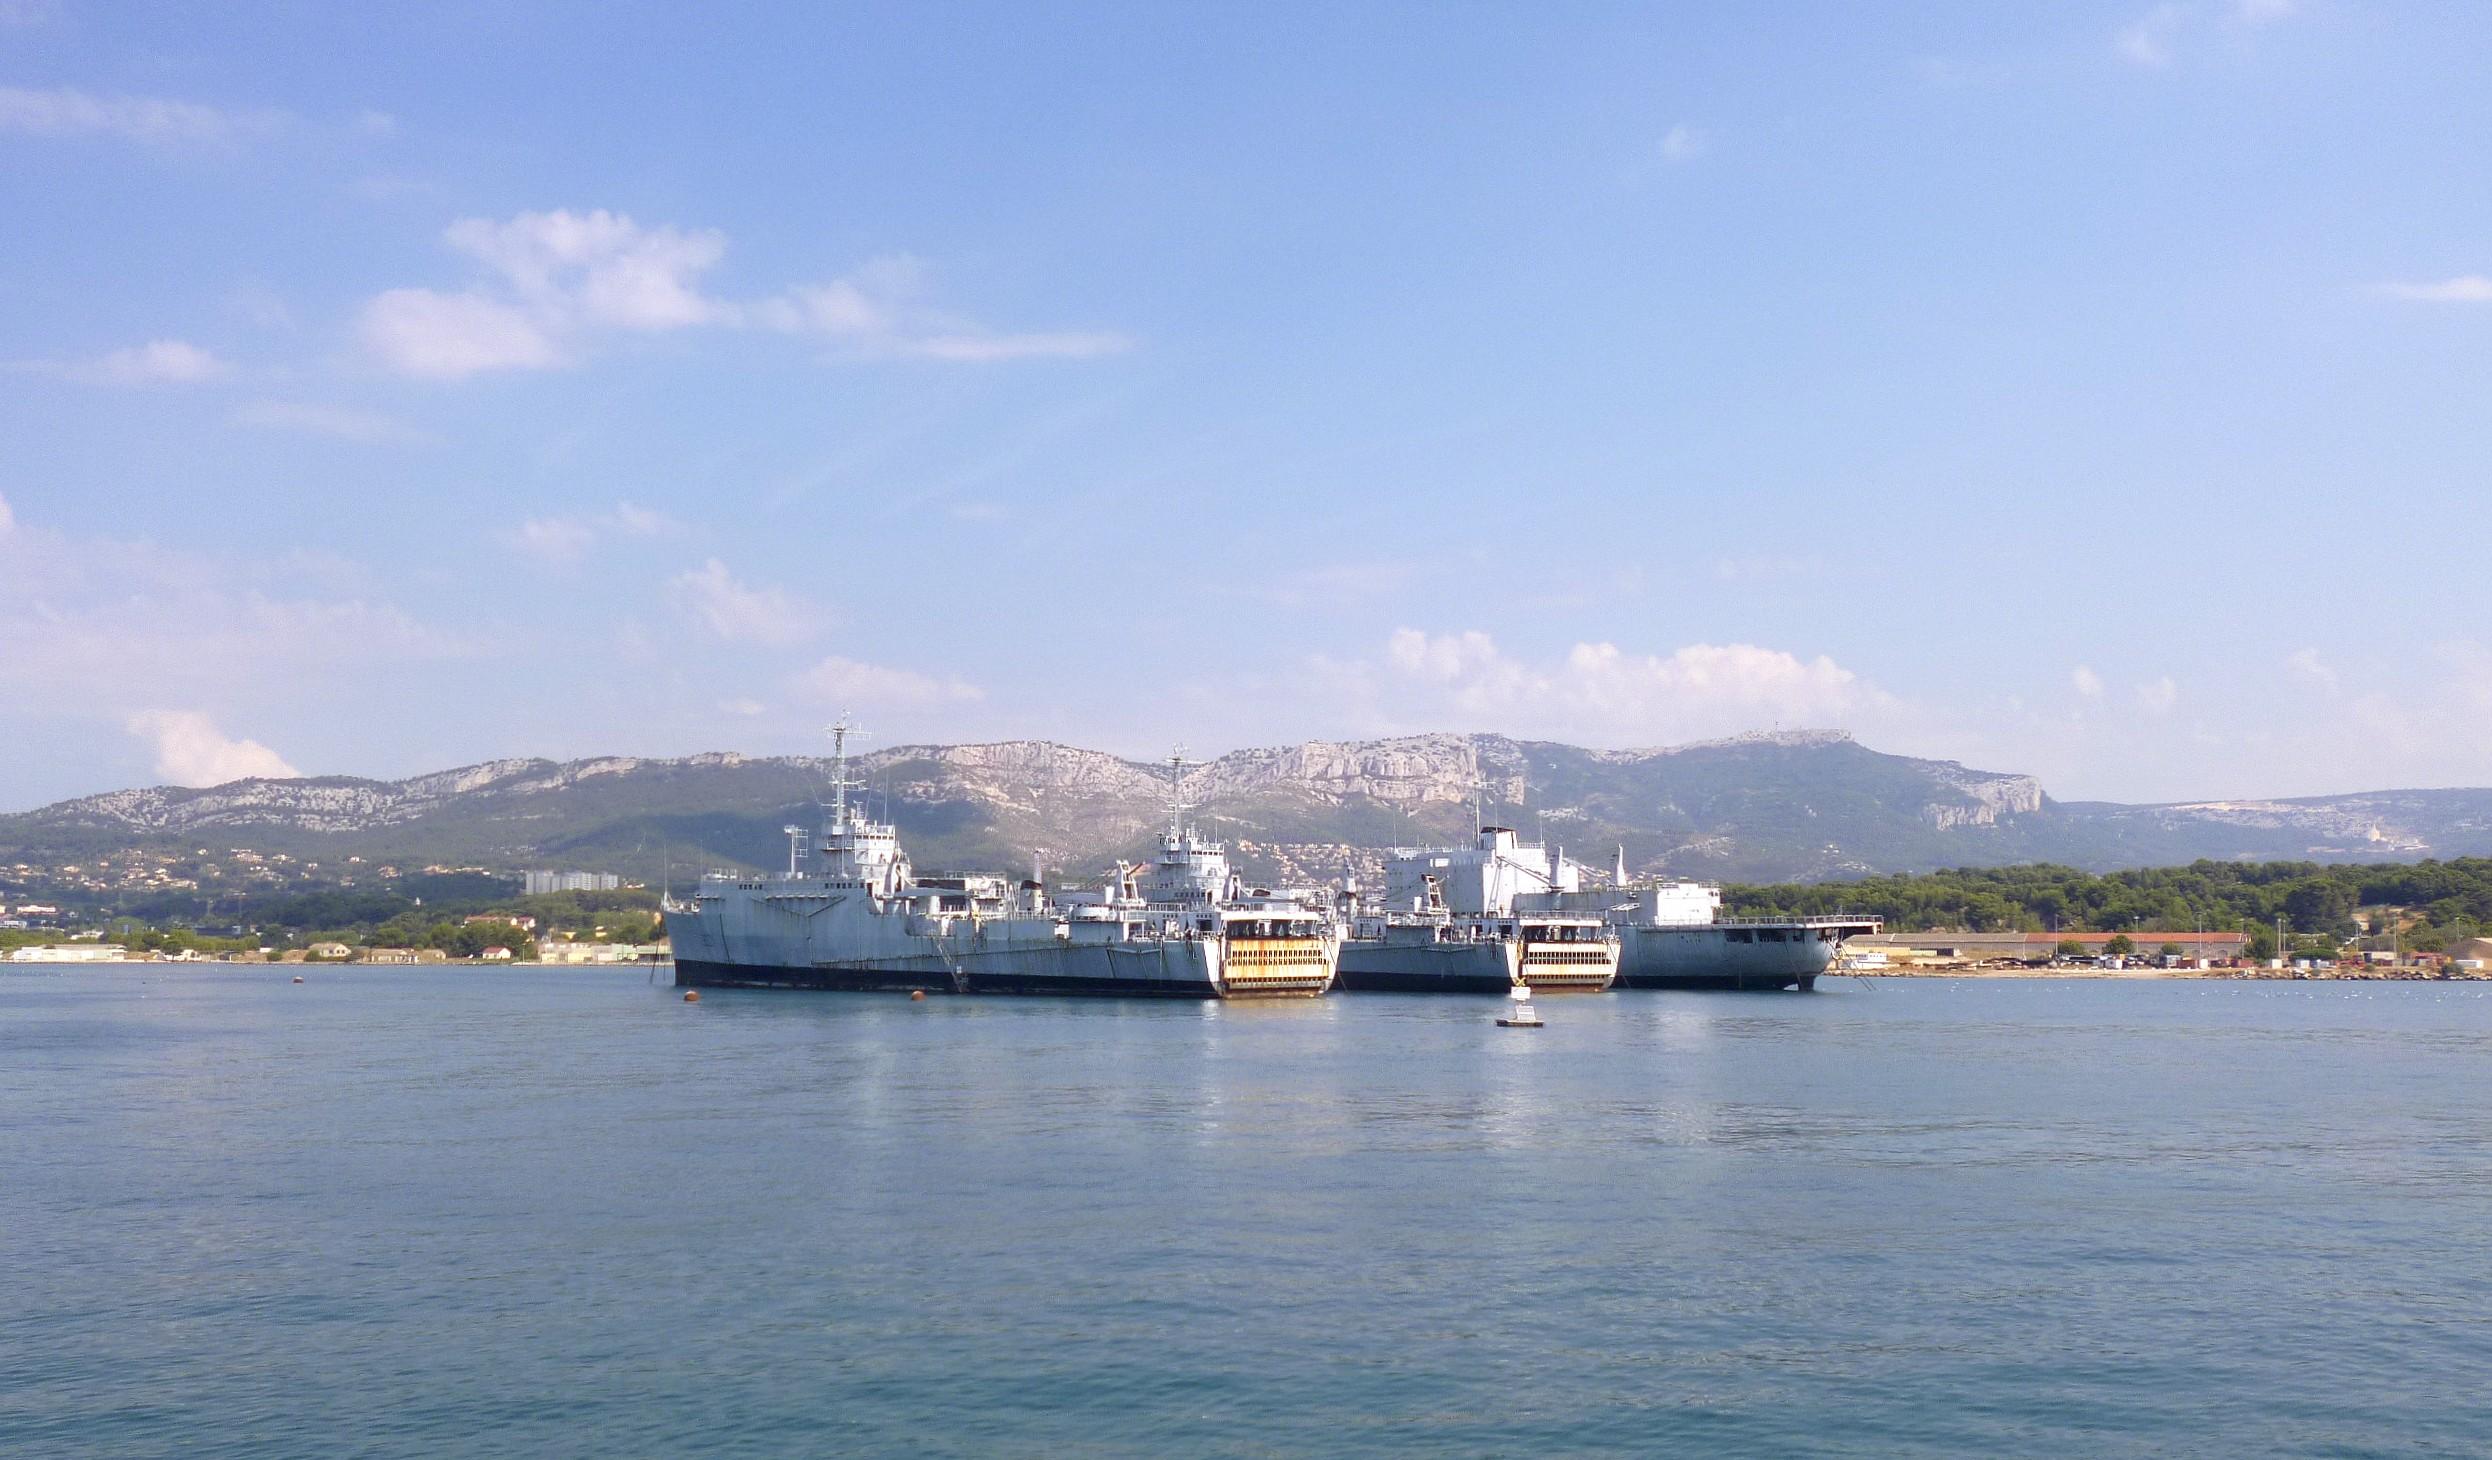 Les news en images du port de TOULON - Page 37 9565067960_43eda757fa_o